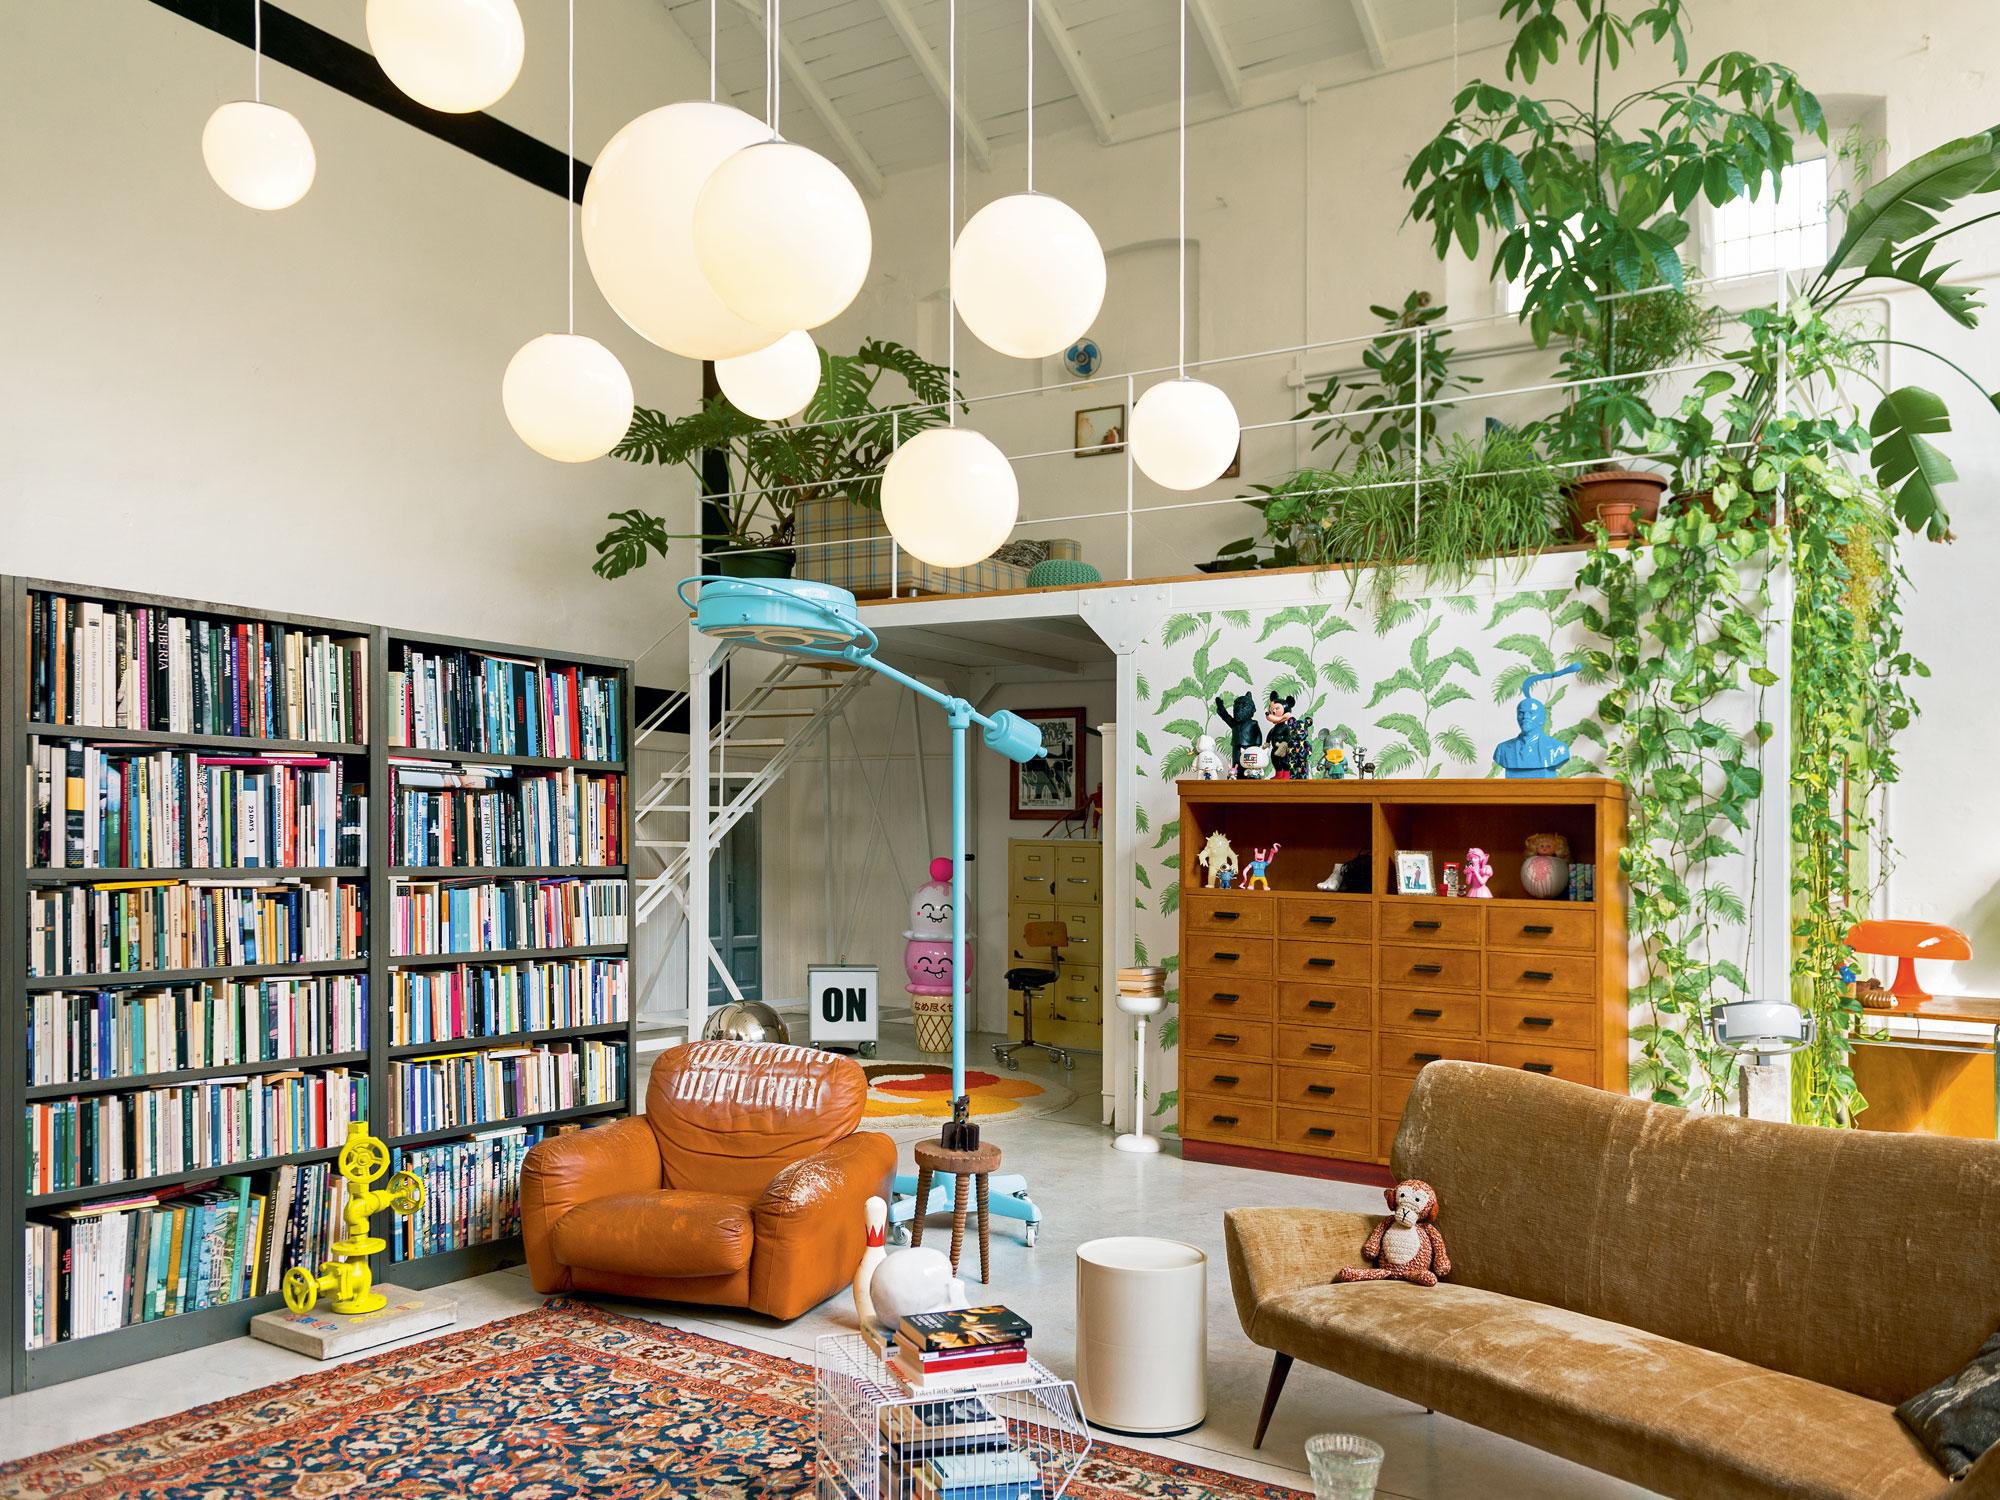 Casa design idee libro - Idee deco voor professioneel kantoor ...